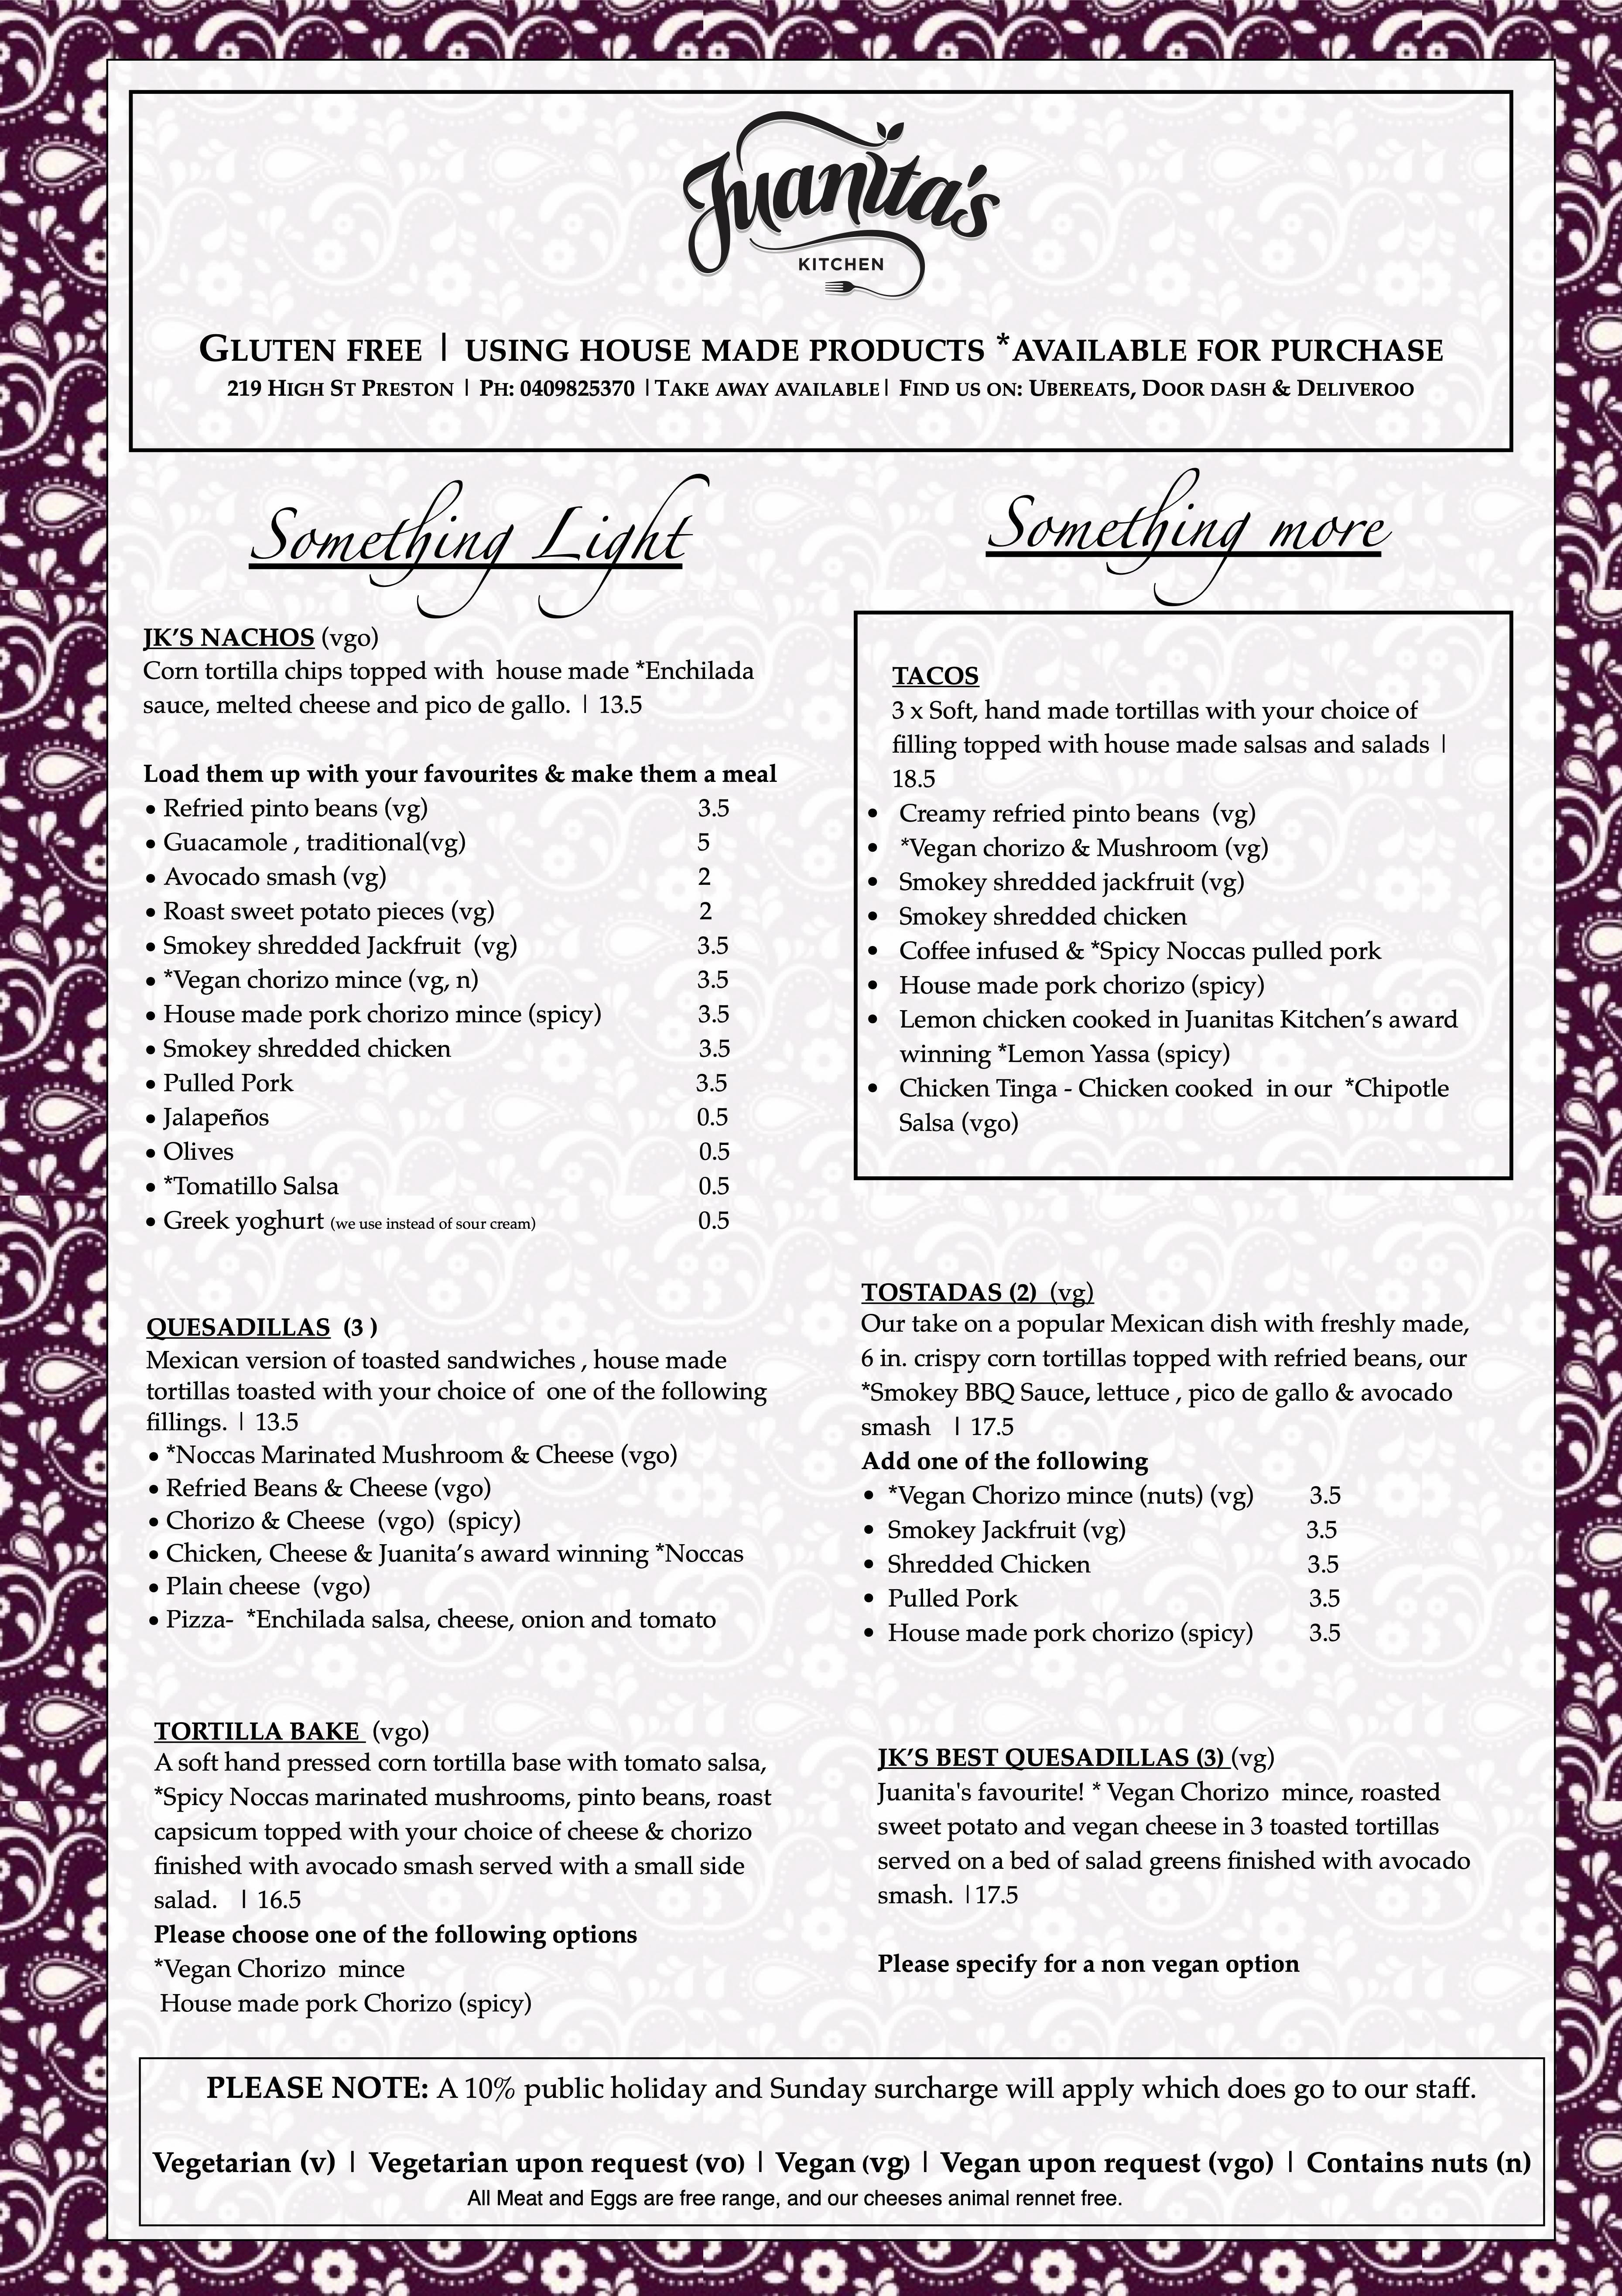 juanitas-kitchen-menu-june-2020.jpg